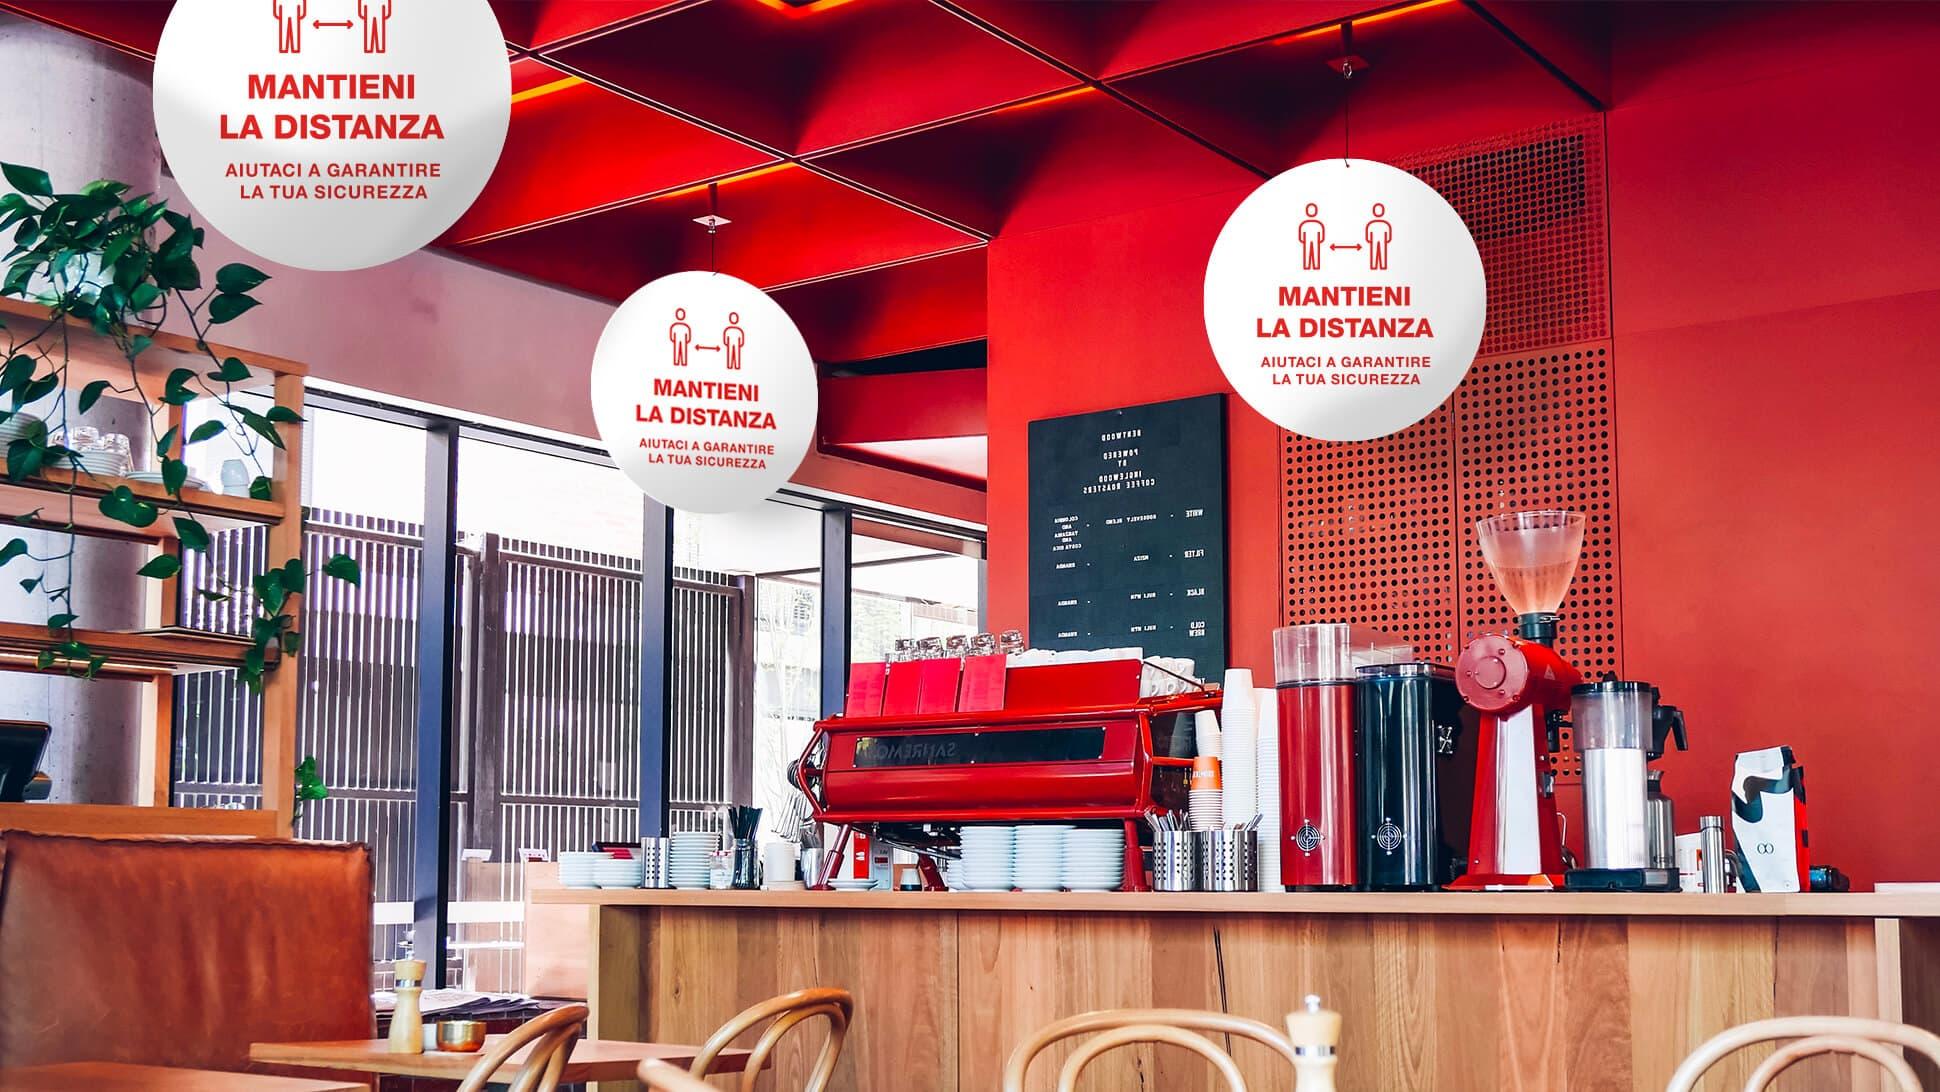 Rotair bianco e rosso per bar, locali, negozi | tictac.it